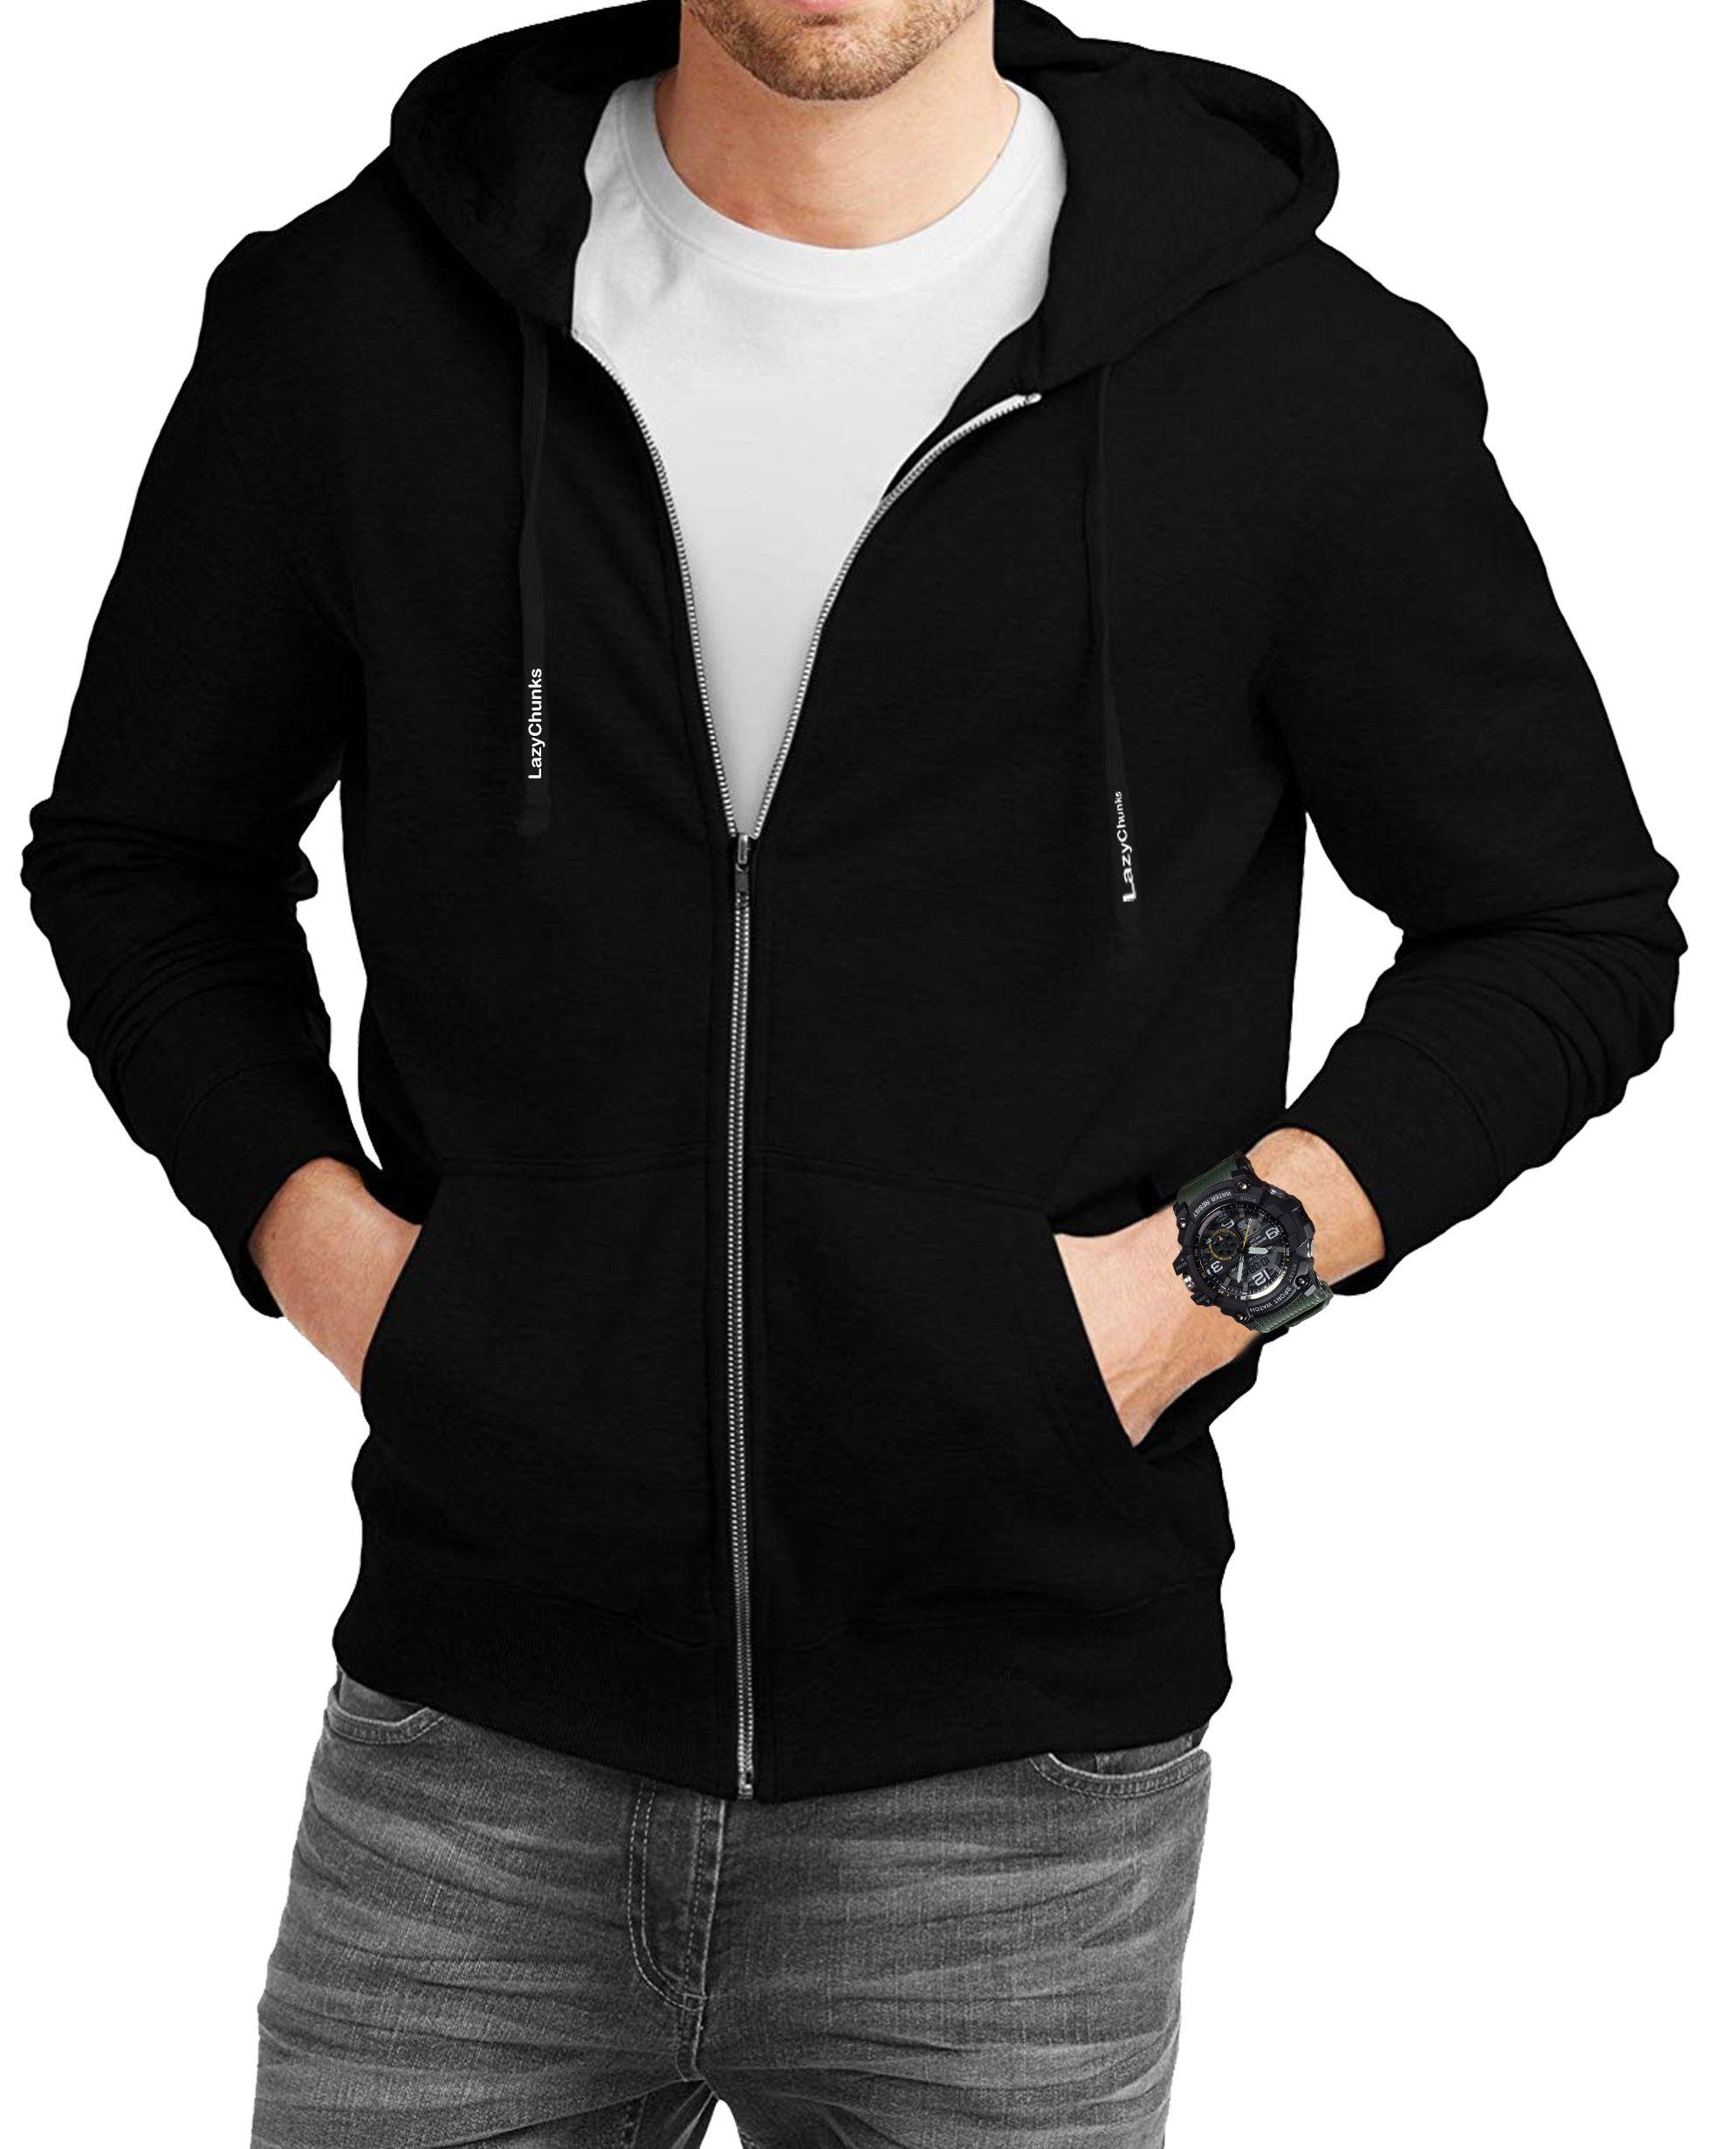 Men S Black Fleece Solid Long Sleeves Regular Hooded Sweatshirt Hooded Sweatshirts Black Fleece Sweatshirts [ 2462 x 1989 Pixel ]